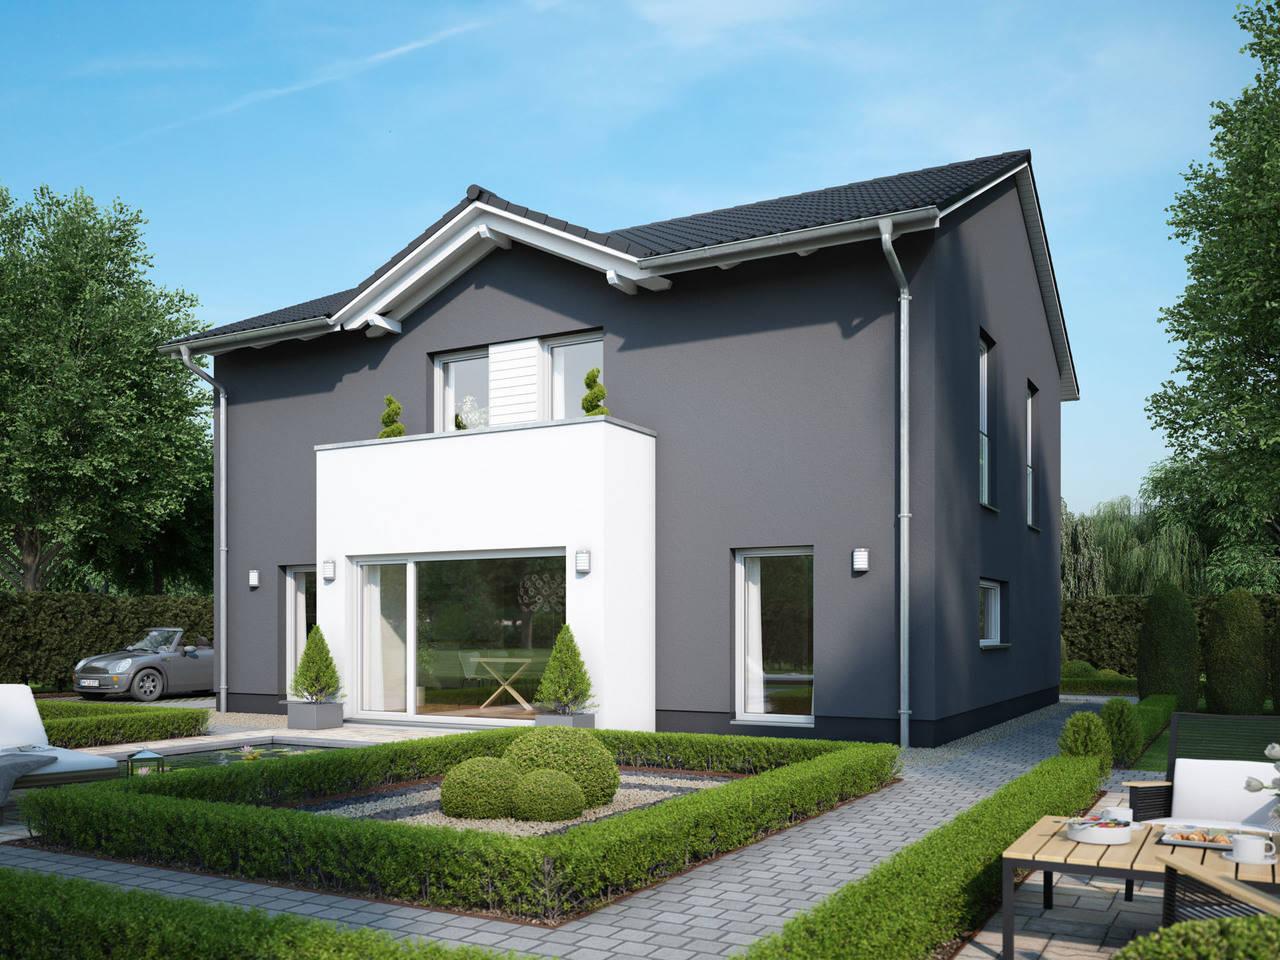 Einfamilienhaus VARIANT 2000.2 von Deutsche Bauwelten